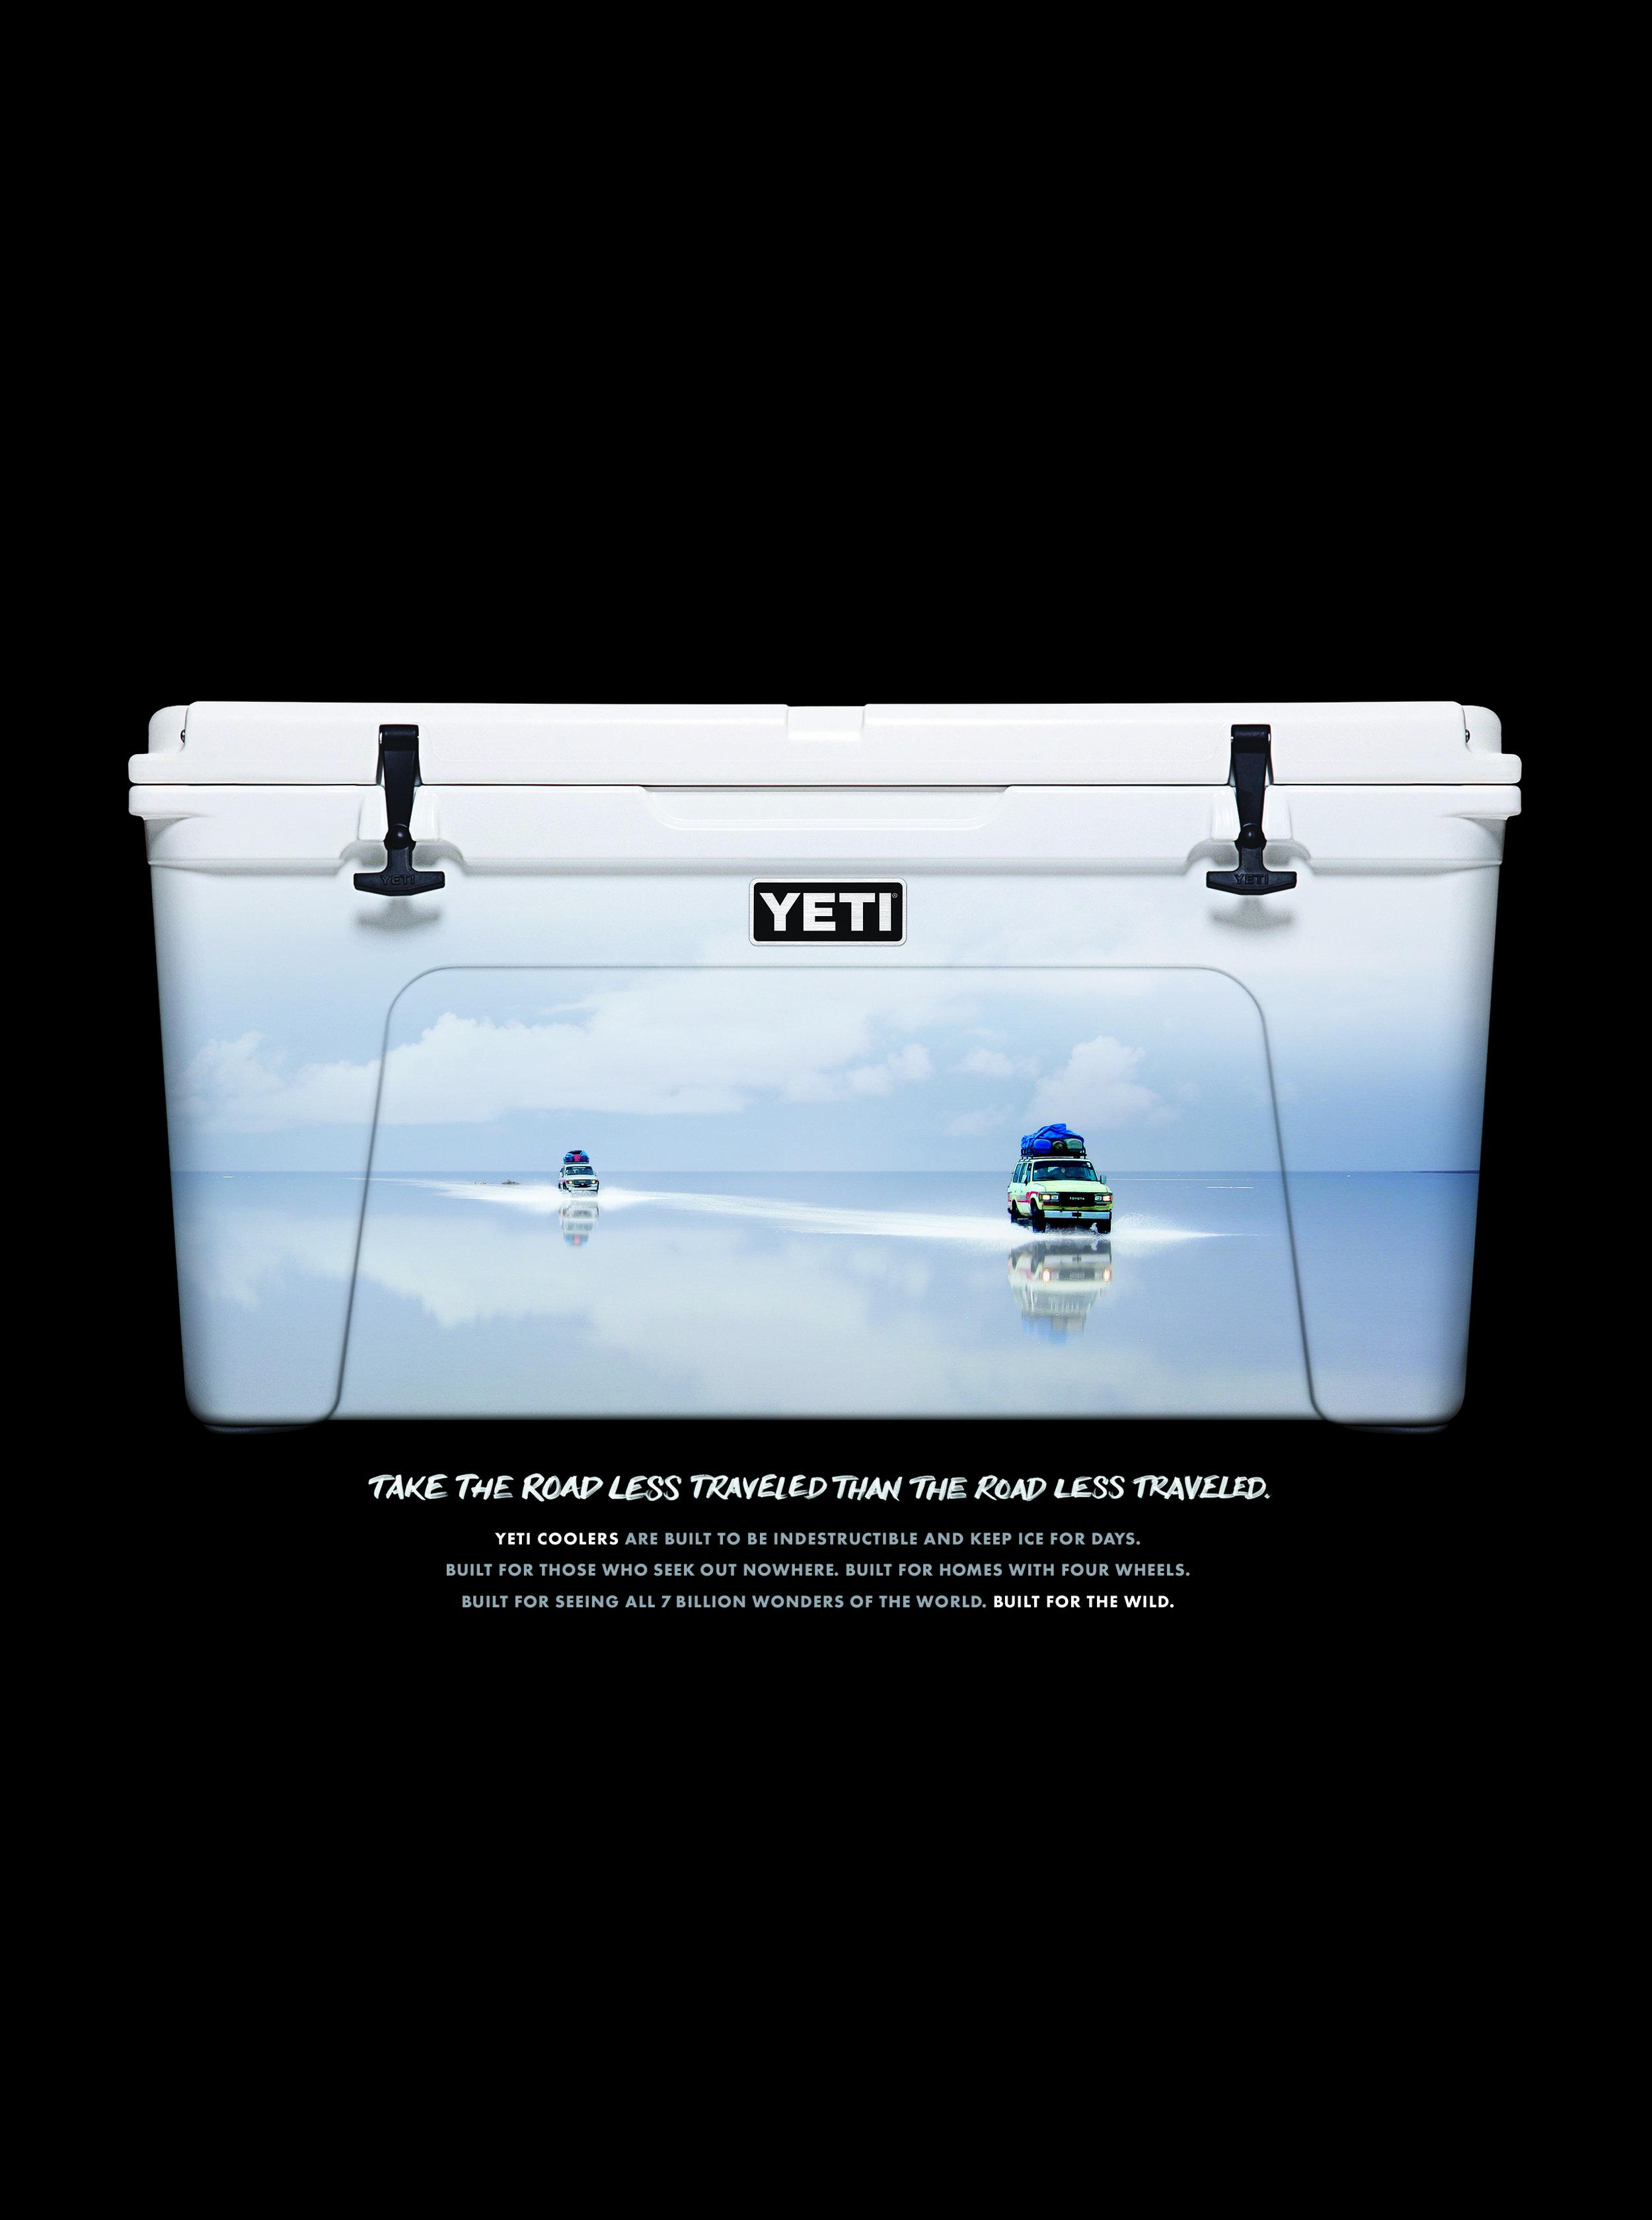 YETI | Road Less Traveled